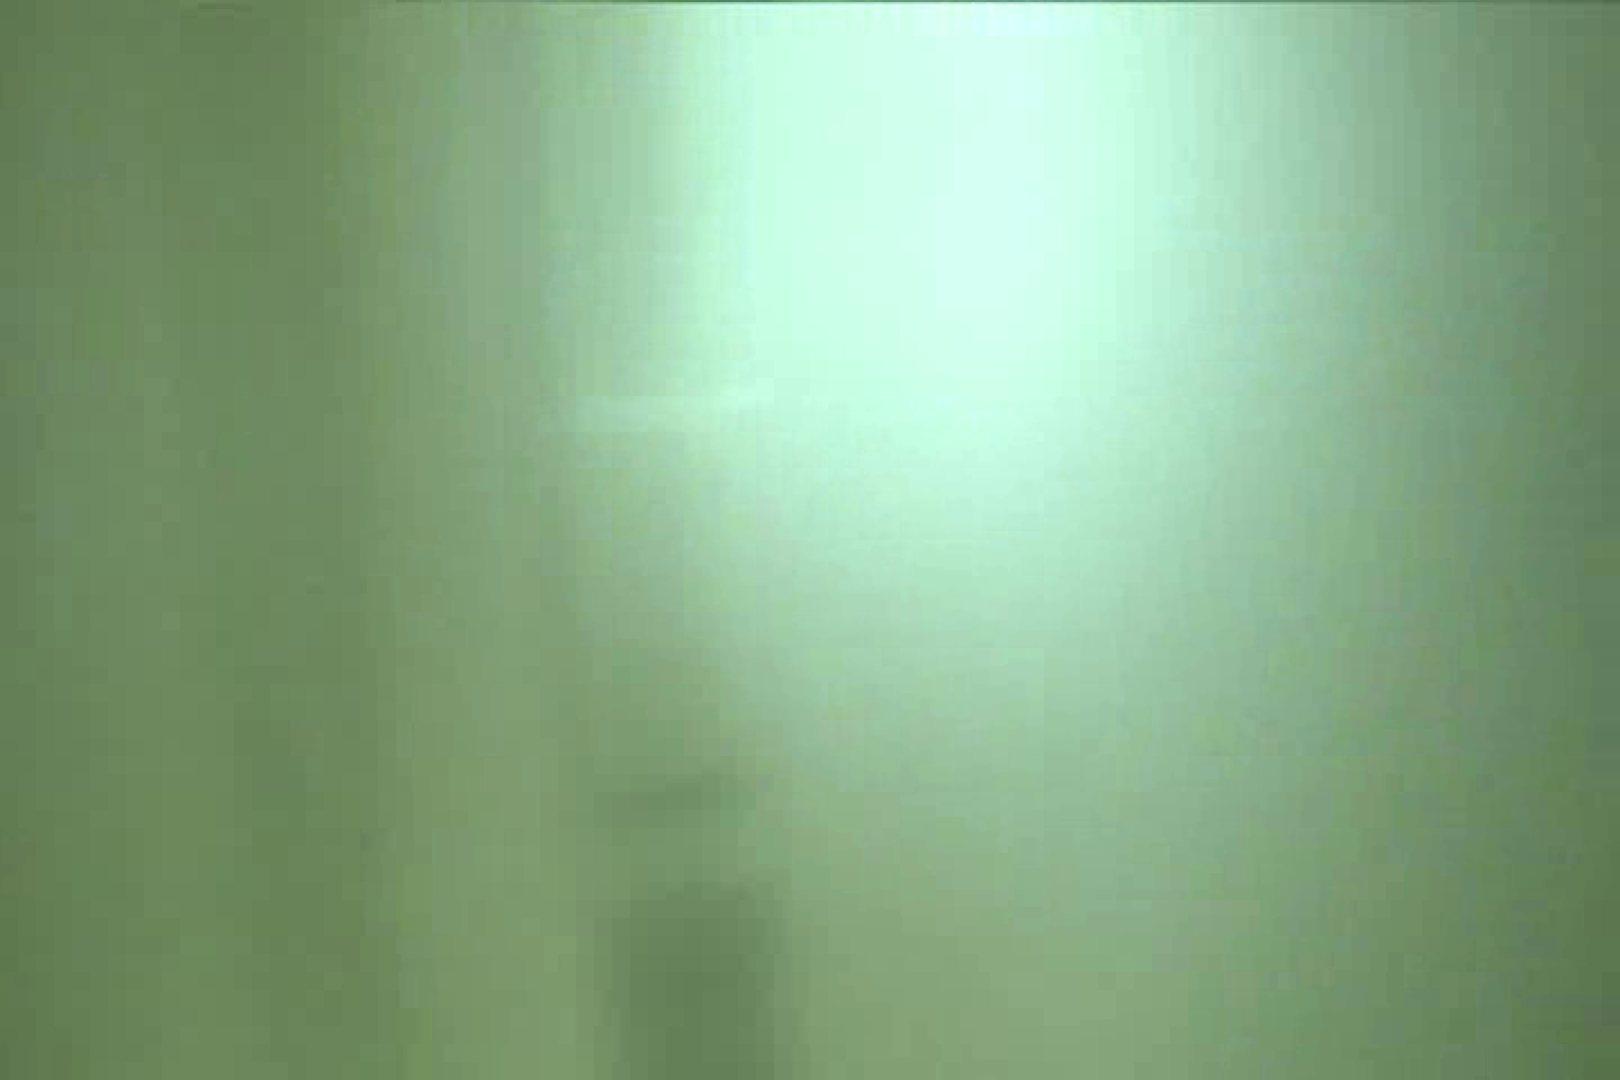 マンコ丸見え女子洗面所Vol.34 洗面所はめどり | パイパン女子  87画像 46